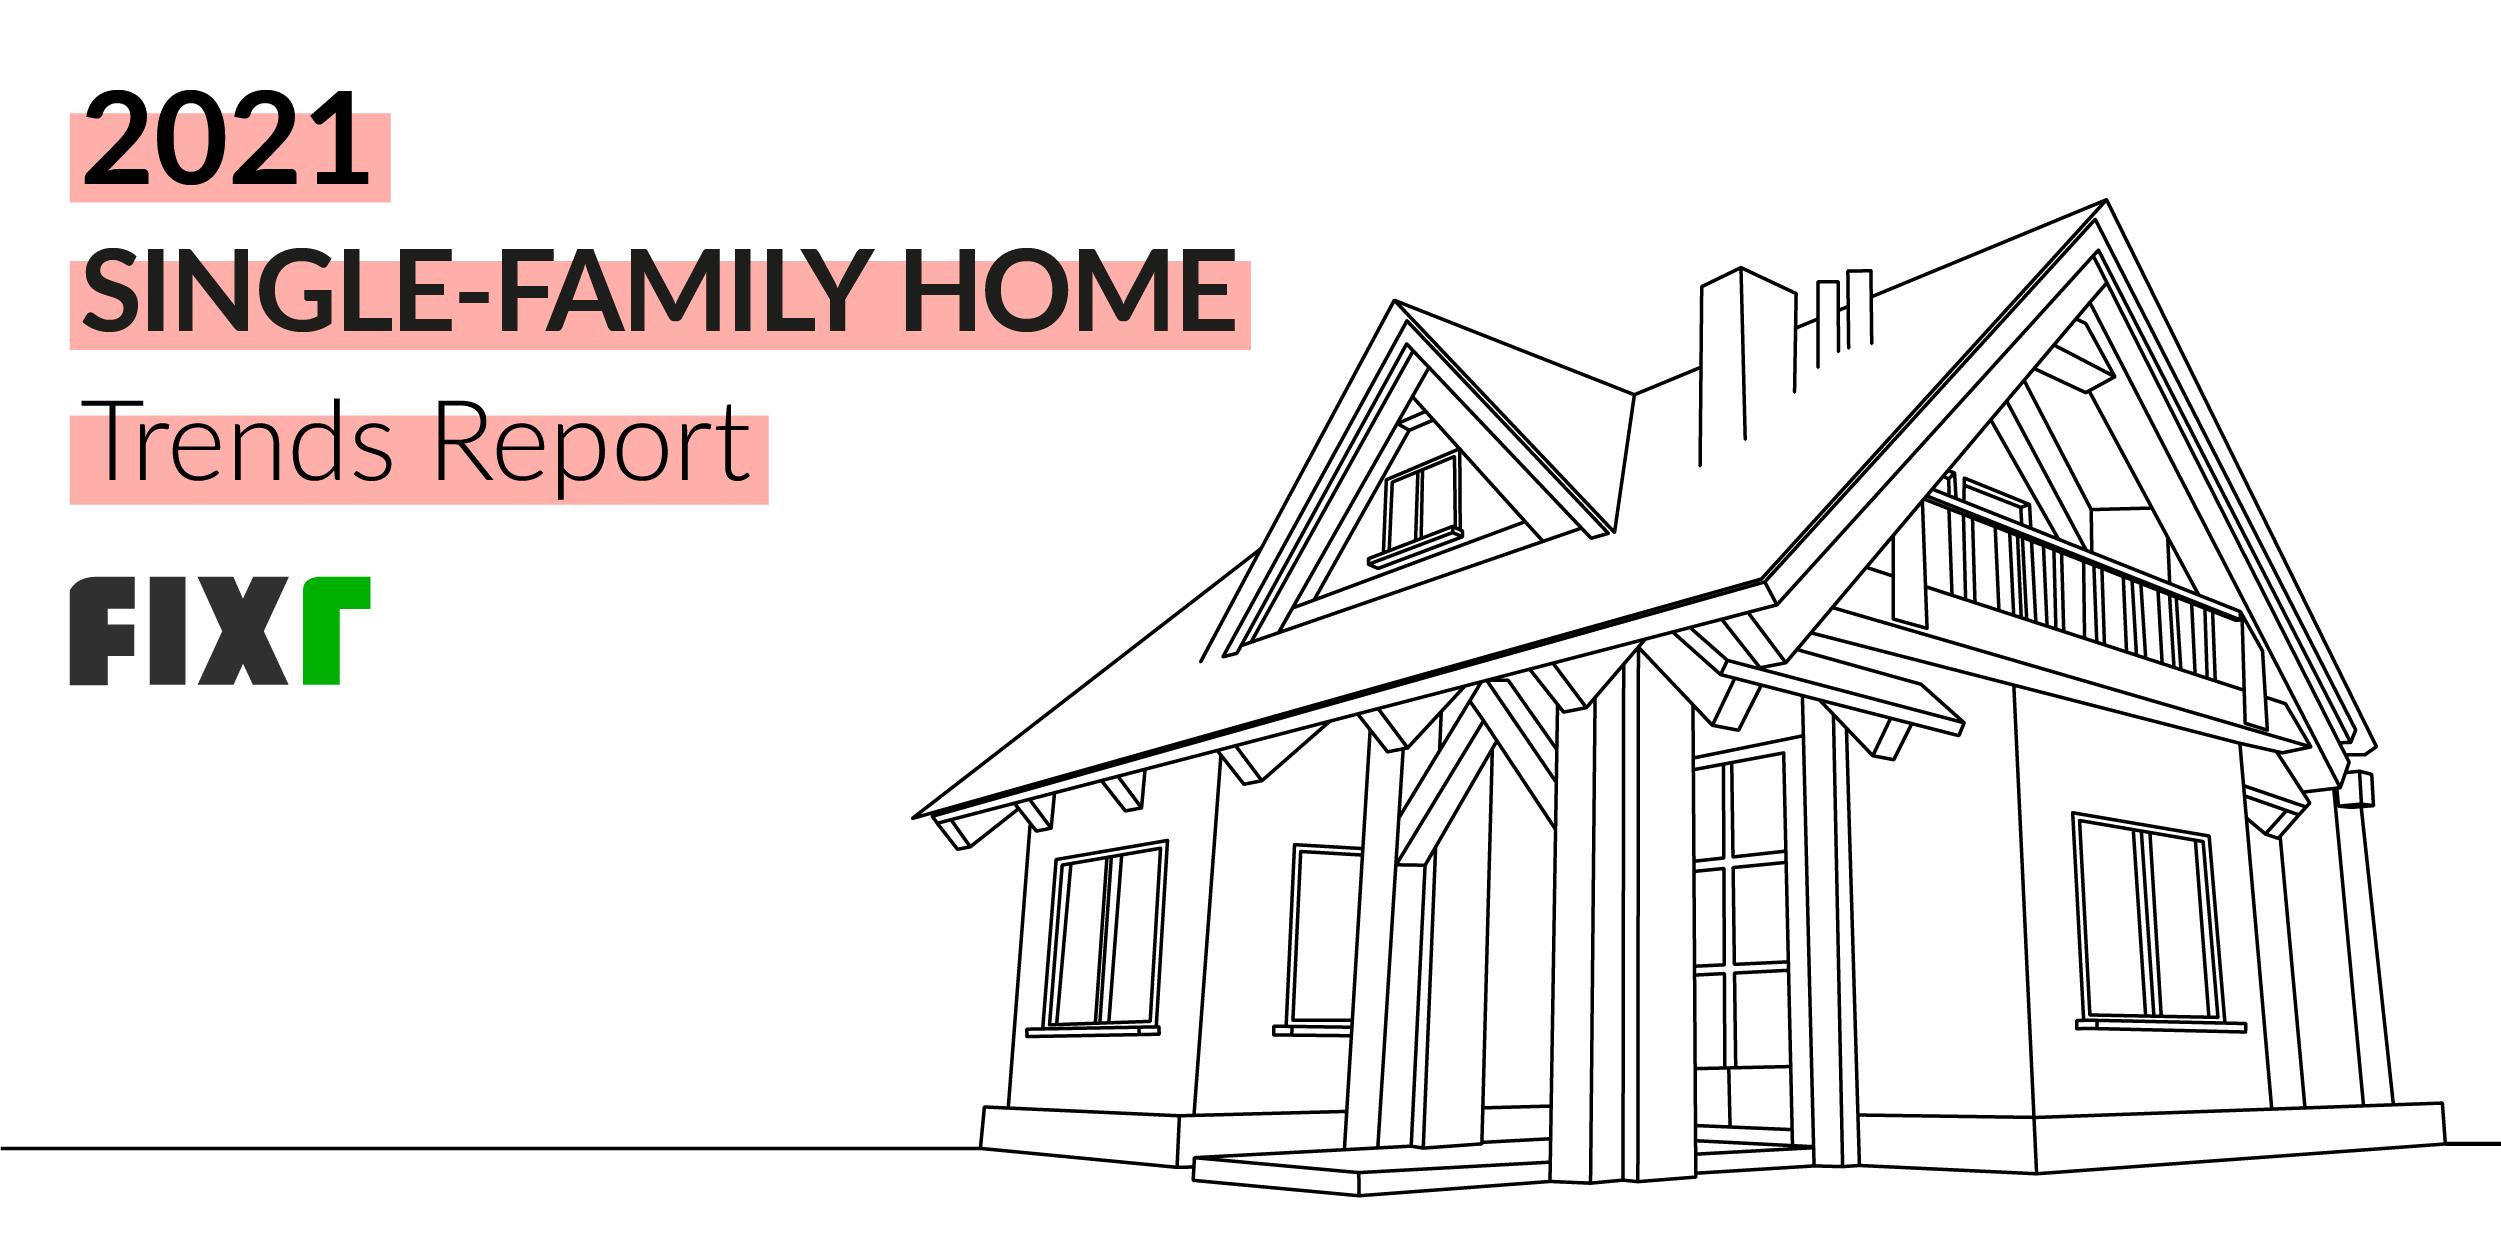 Single-Family Home Trends 2021 - Fixr.com